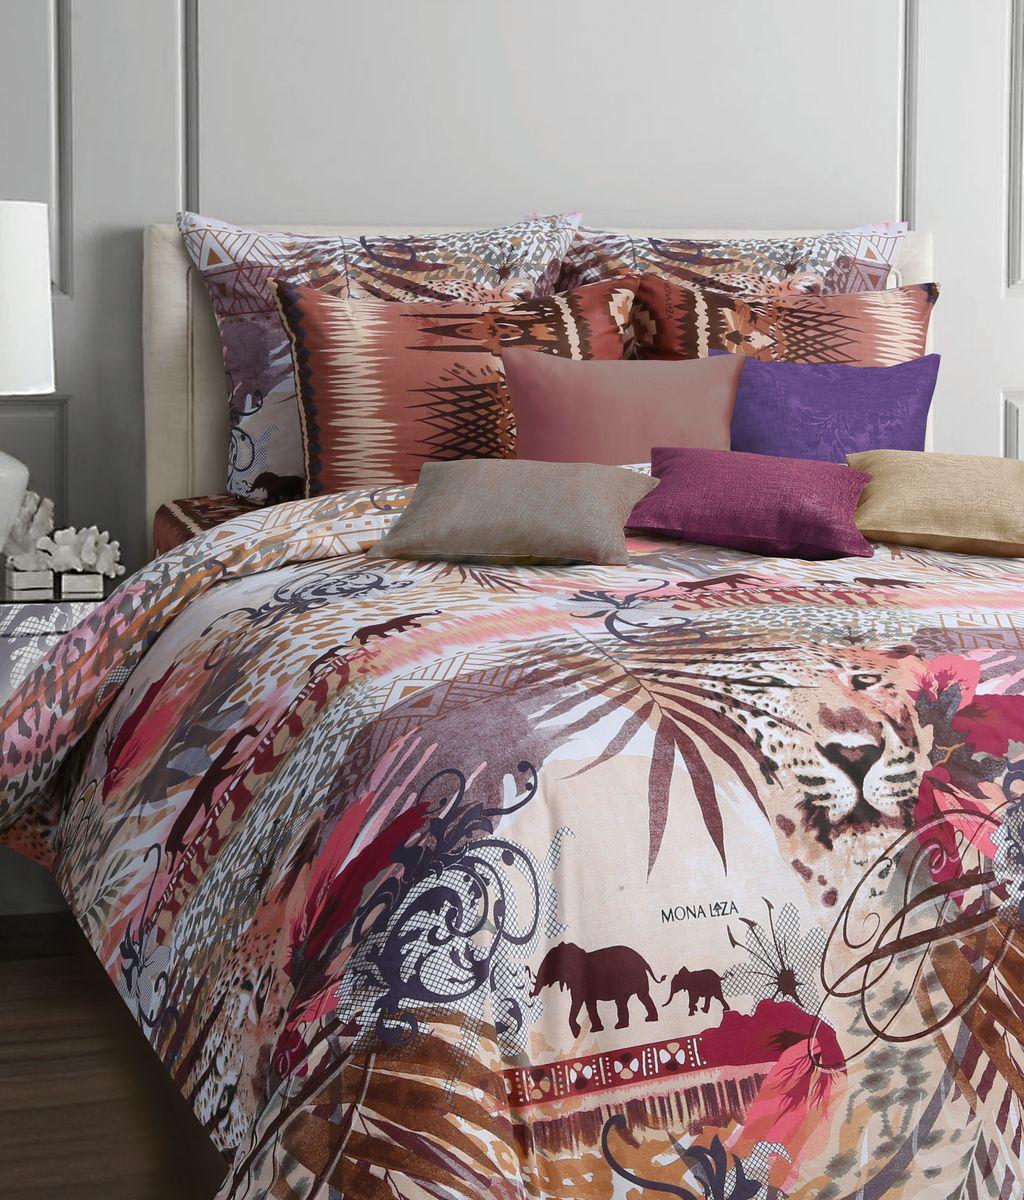 Комплект белья Mona Liza Safari, евро, наволочки 70x70, цвет: коричневый552109/21Коллекция постельного белья MONA LIZA Classic поражает многообразием дизайнов. Среди них легко подобрать необходимый рисунок, который создаст в доме уют. Комплекты выполнены из бязи 100 % хлопка.